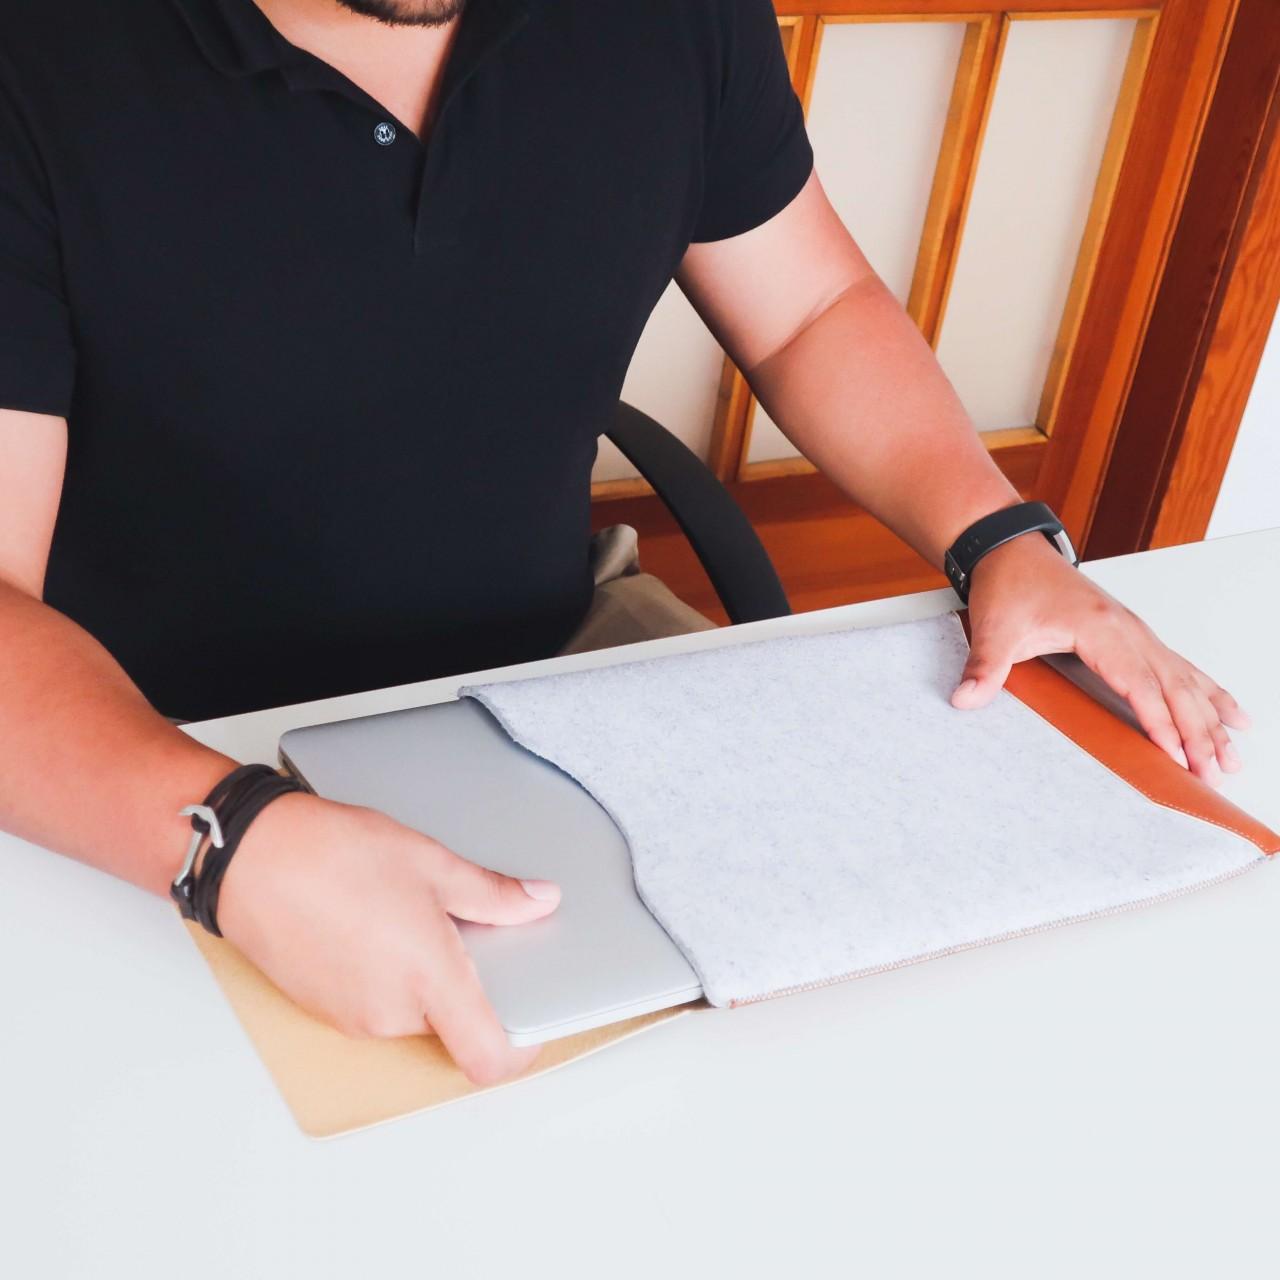 Filzhülle mit Mauspad für Laptops